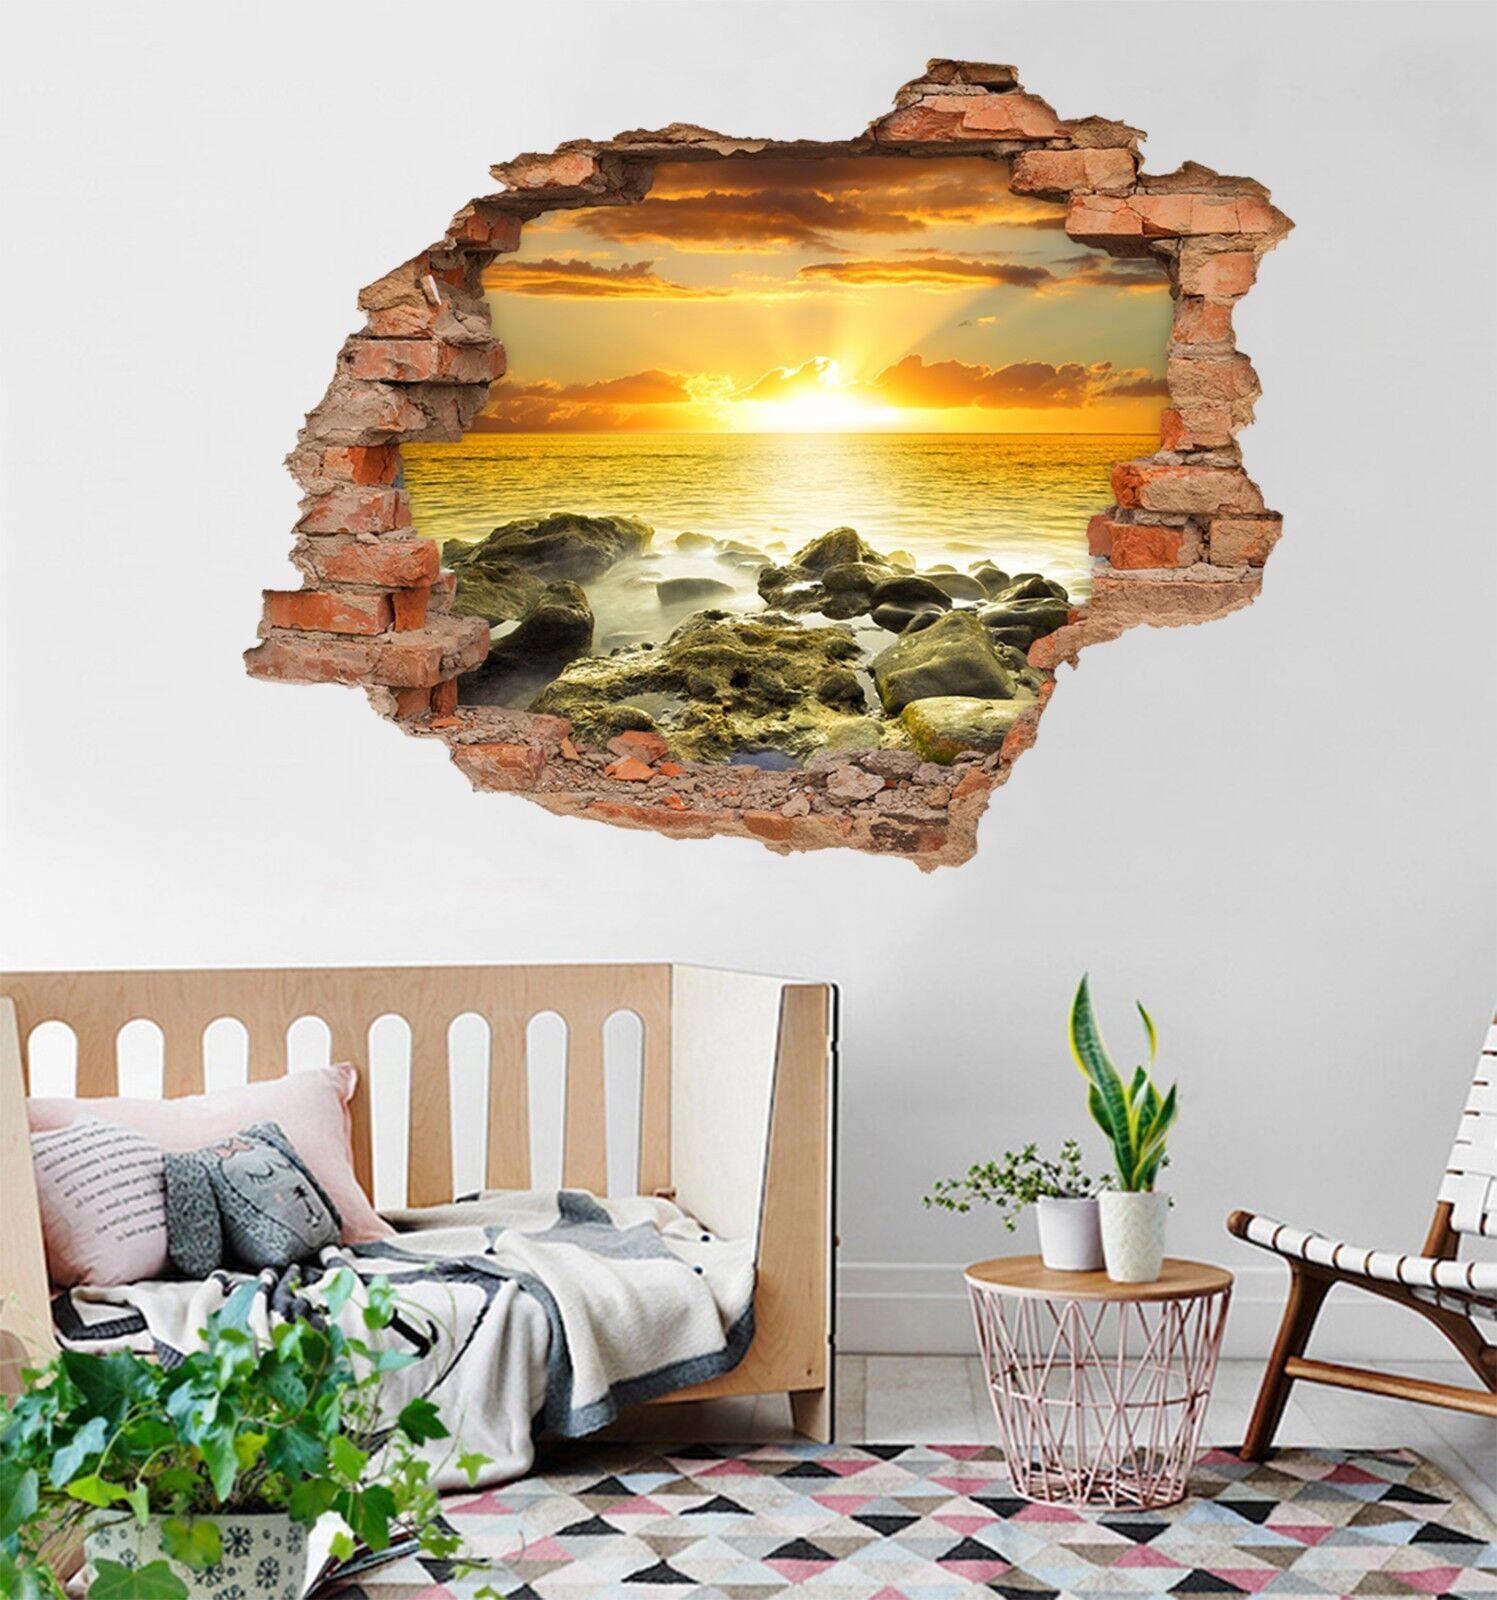 3D Helle Sonne 03 Mauer Murals Mauer Aufklebe Decal Durchbruch AJ WALLPAPER DE